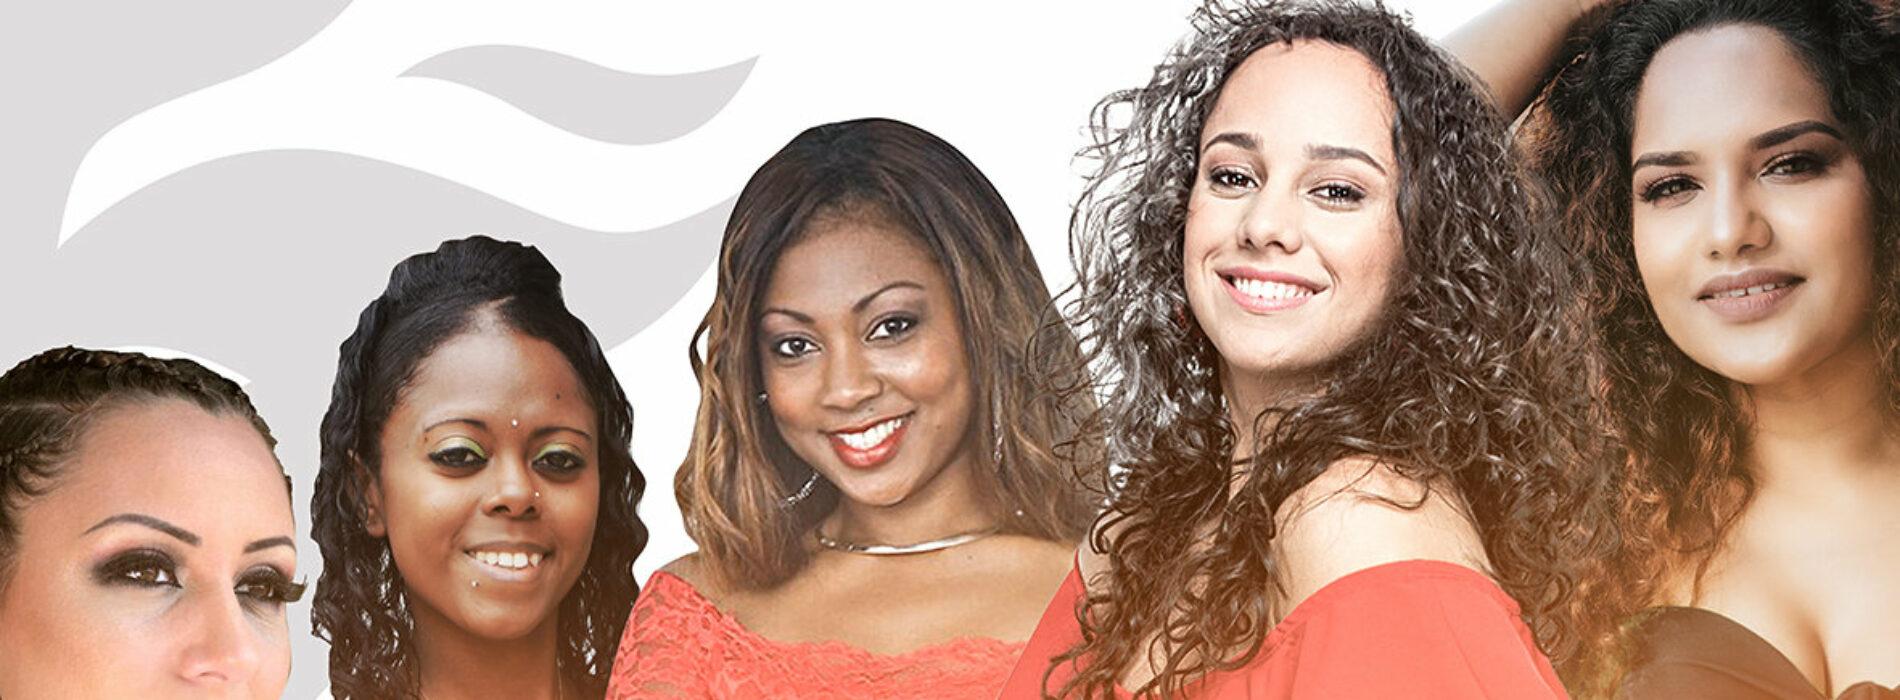 Découvre le concert live de Missty, Clara, Laura Beg, Médérice, et Sista Flo, la nouvelle génération de ségatières – Juillet 2021😘😘💞🎵🎶🇷🇪🇷🇪🇷🇪🇷🇪